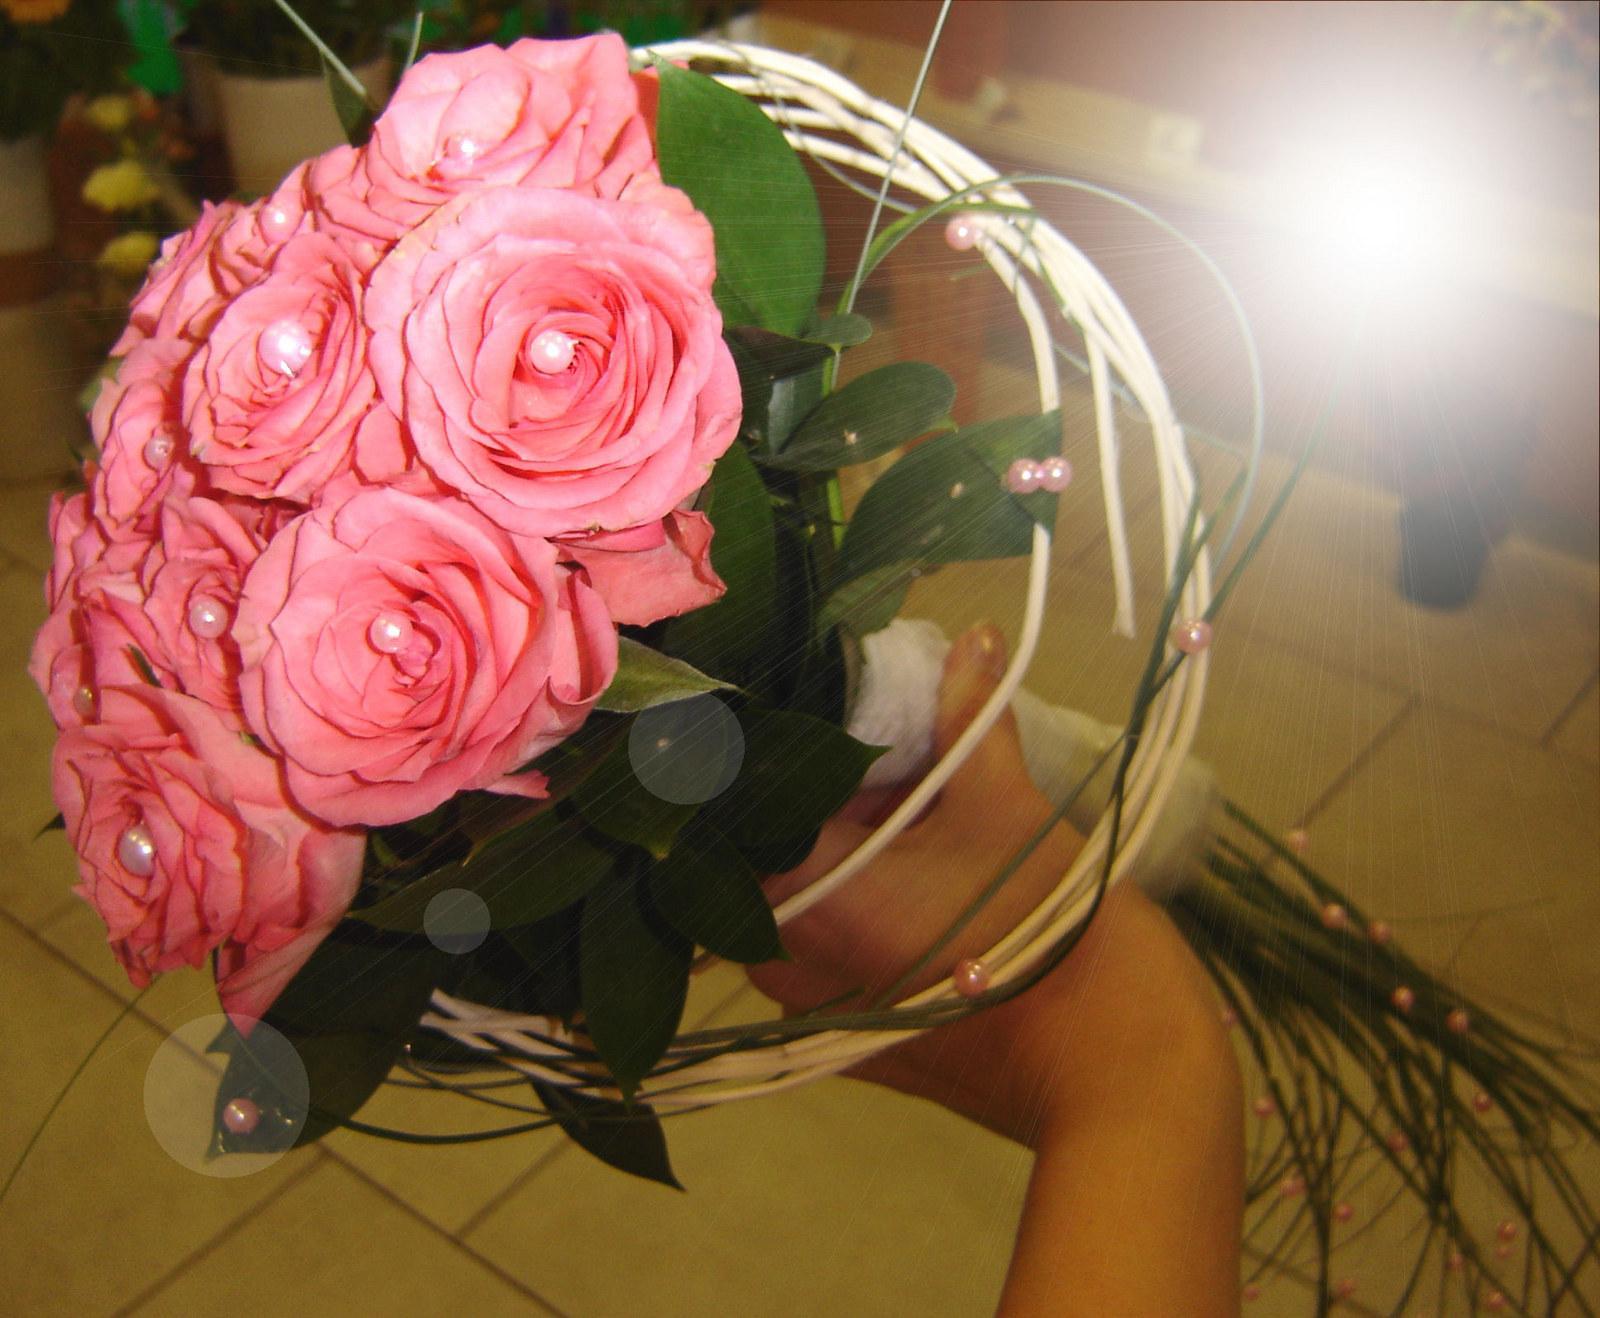 Svatební kytice růžové růže - Obrázek č. 1